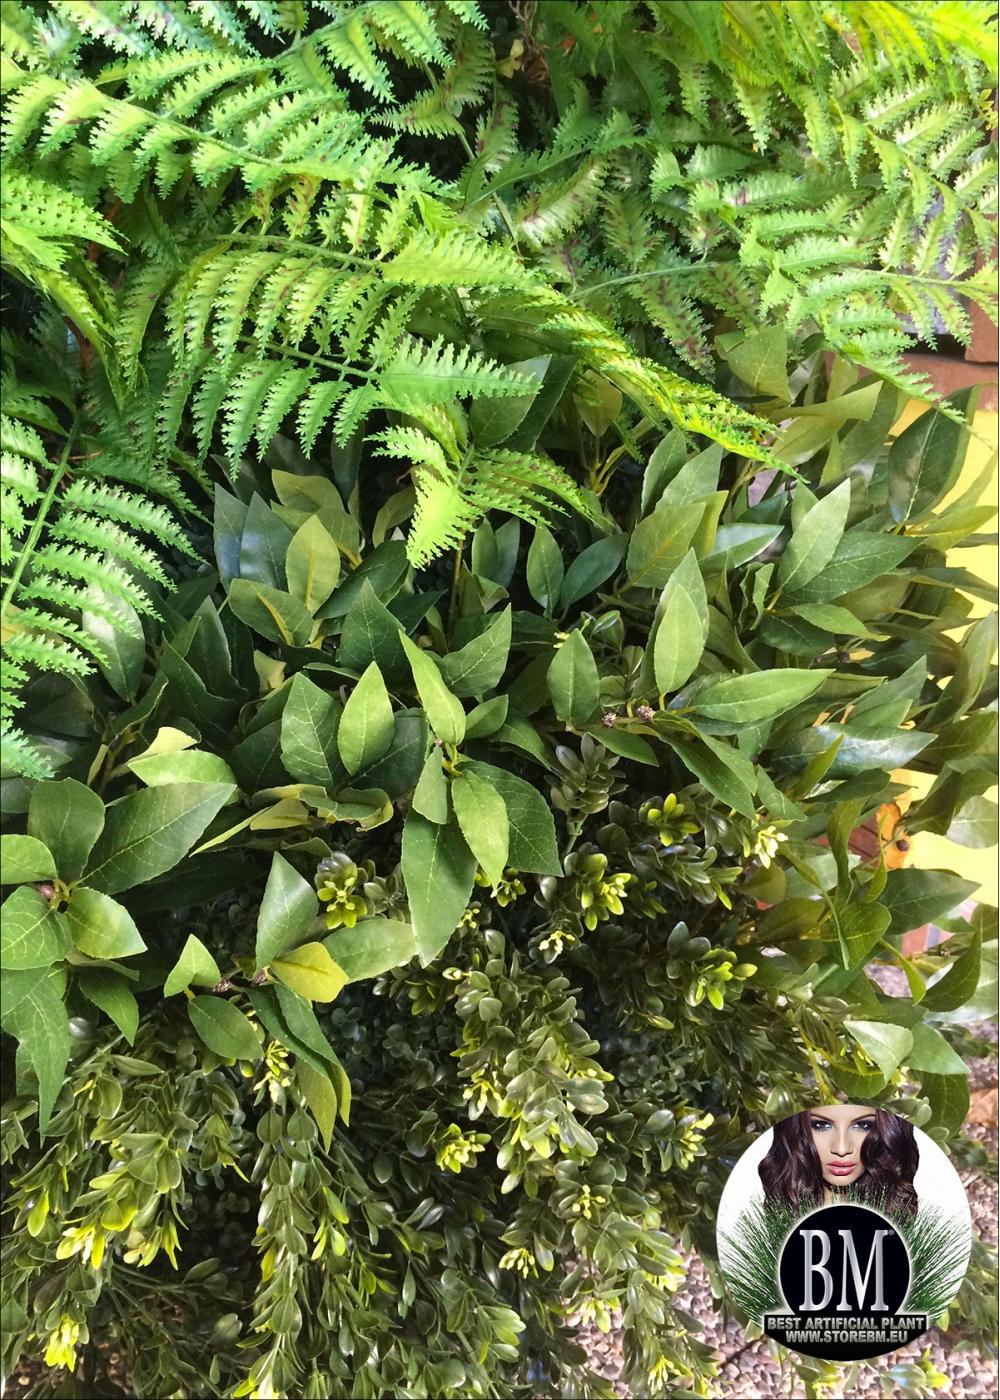 Quadro giardino verticale artificiale 80x80cm mod b for Giardino verticale